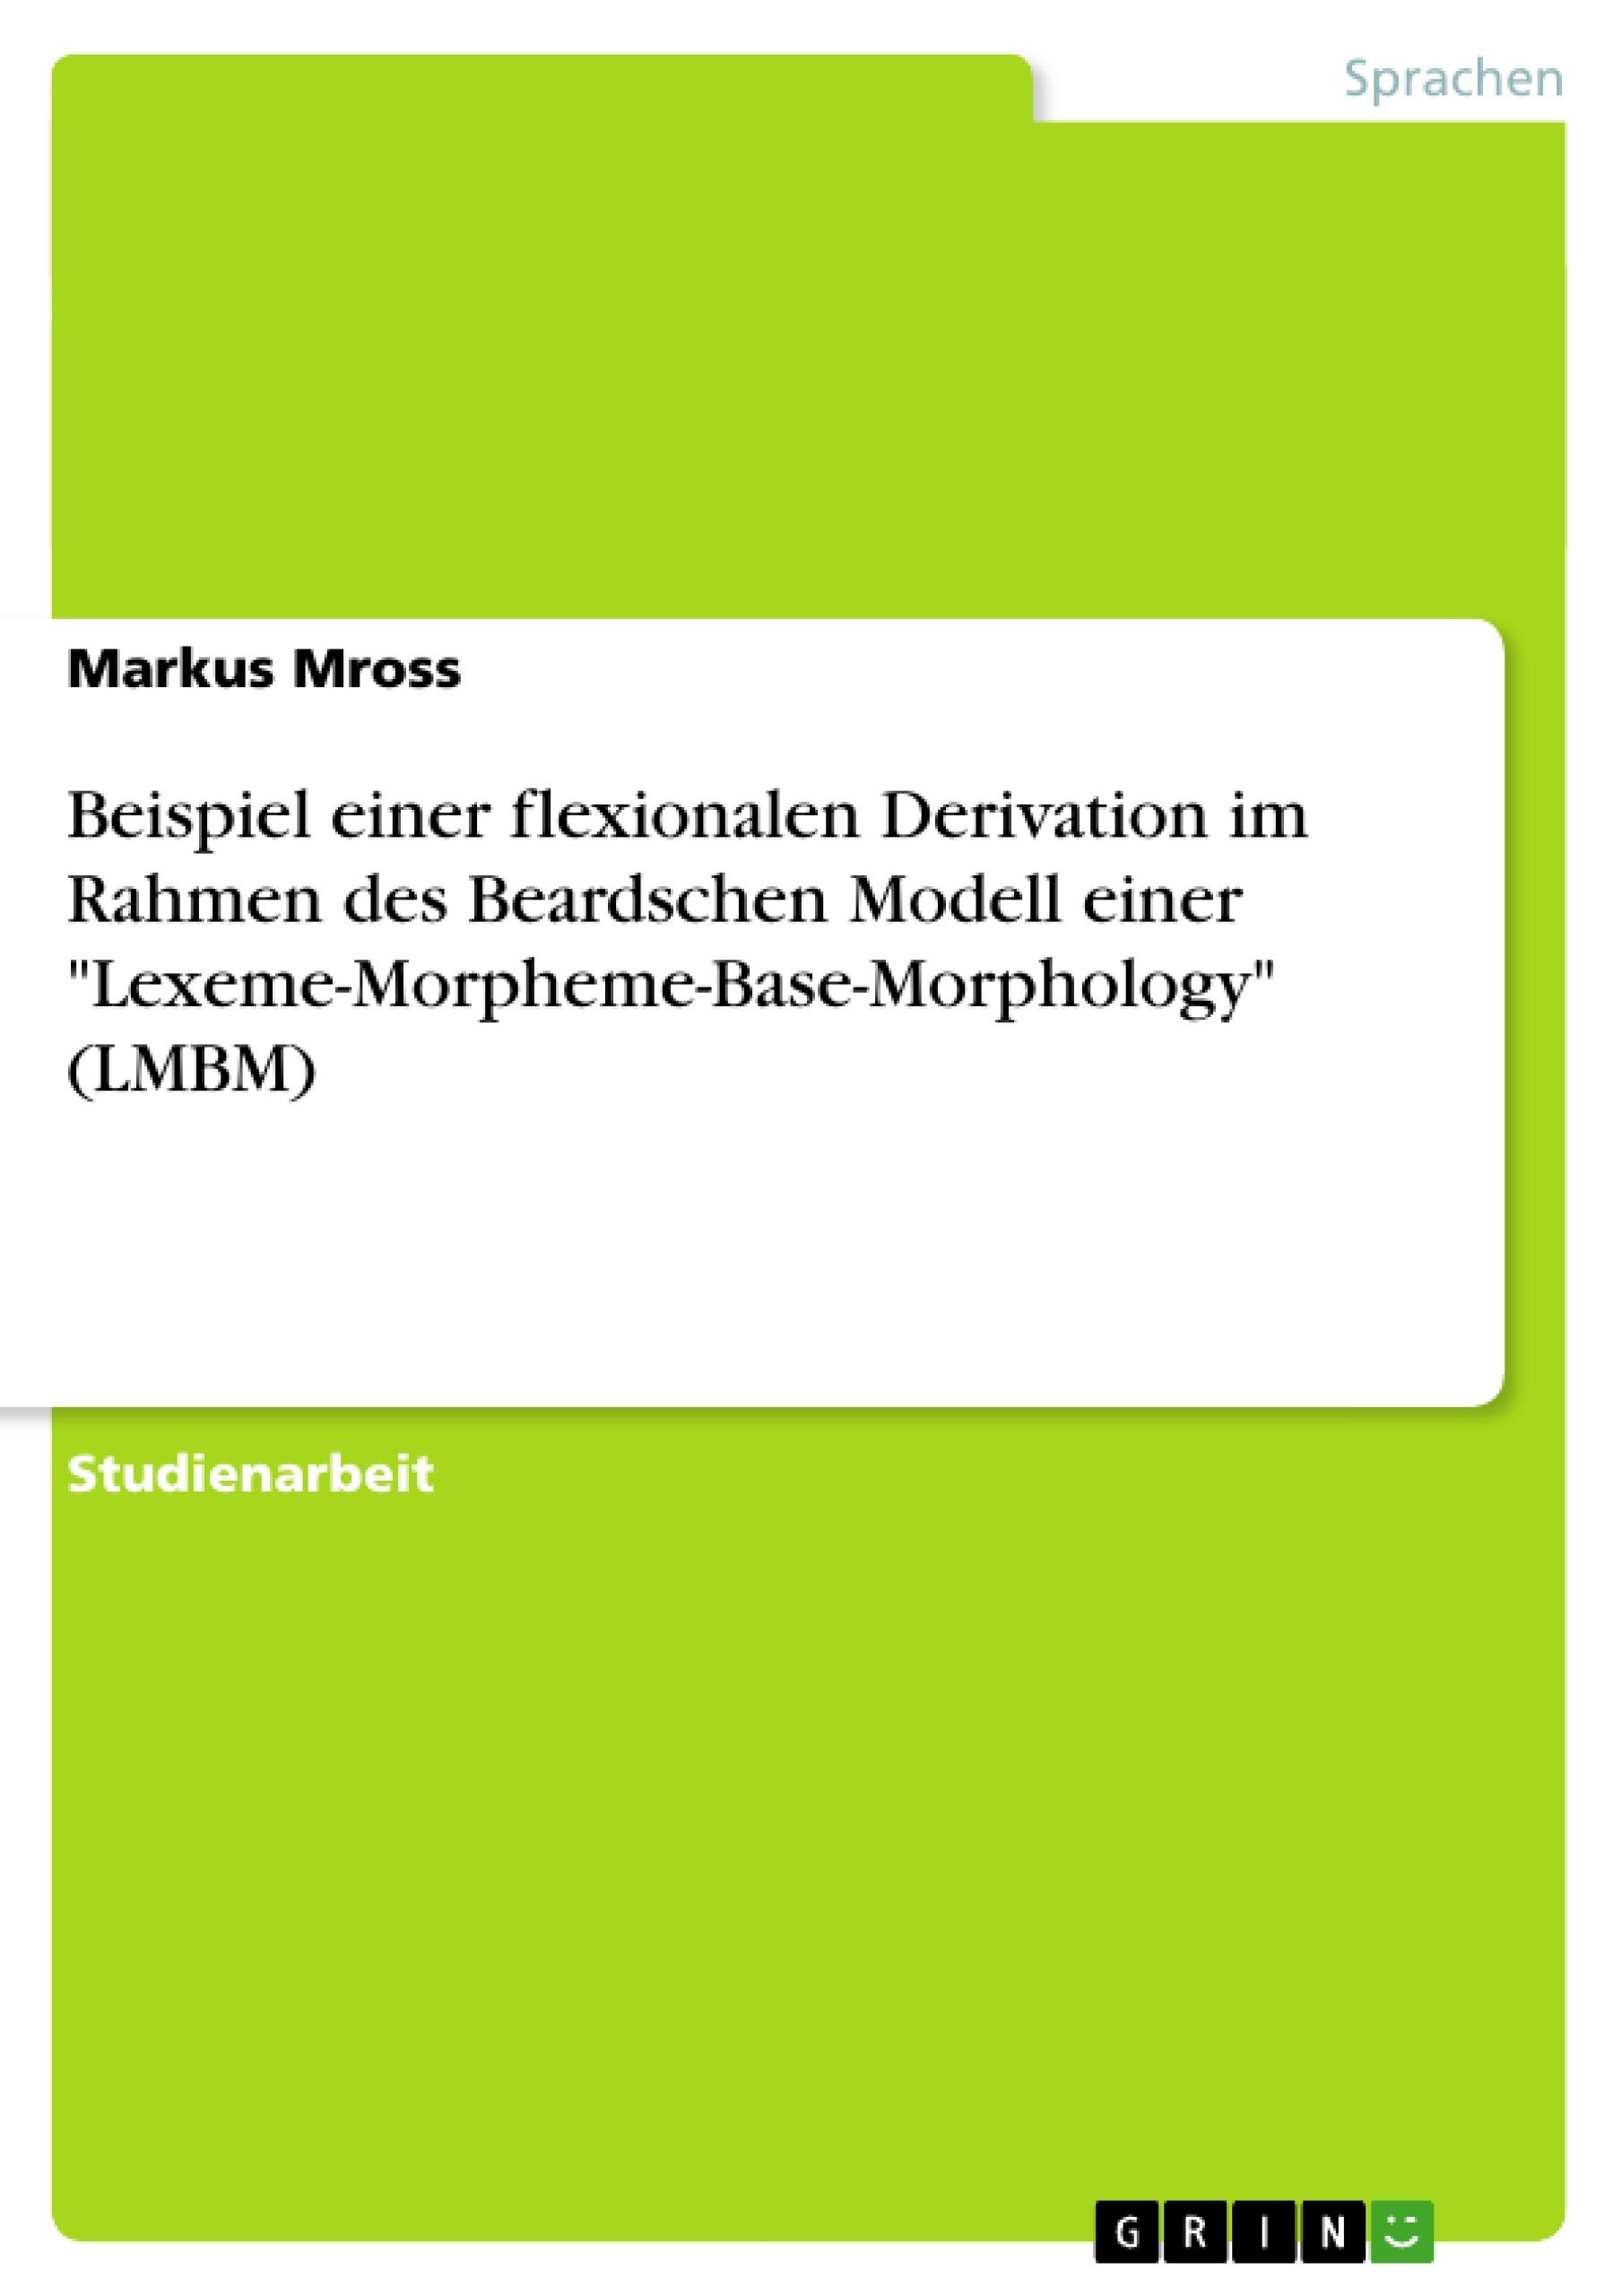 """Titel: Beispiel einer flexionalen Derivation im Rahmen des Beardschen Modell  einer """"Lexeme-Morpheme-Base-Morphology"""" (LMBM)"""